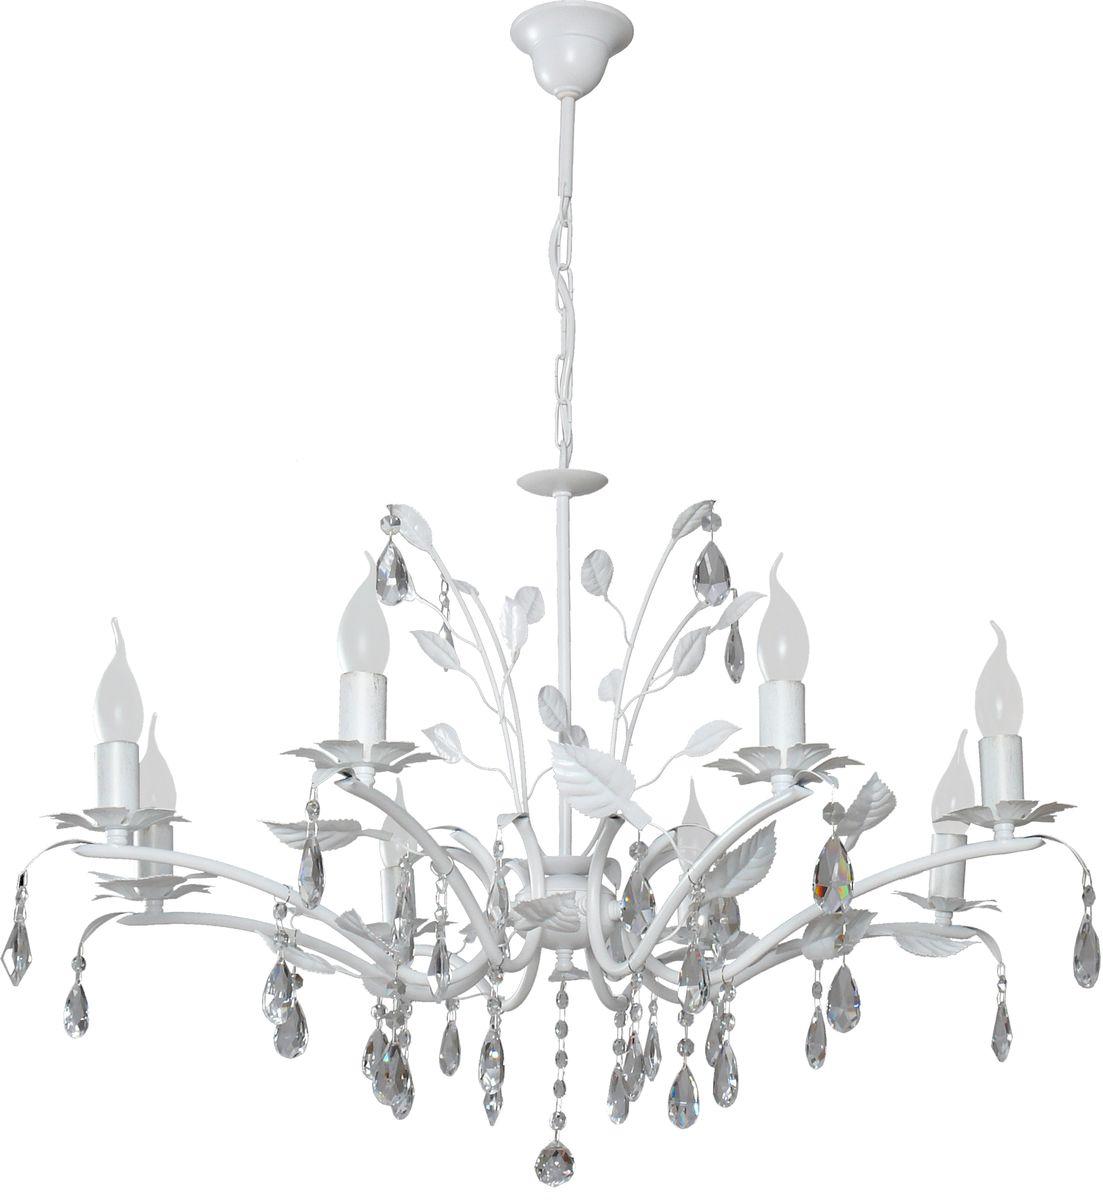 Люстра подвесная Аврора Сицилия, 8 х E14, 60 W. 10075-8L10075-8L